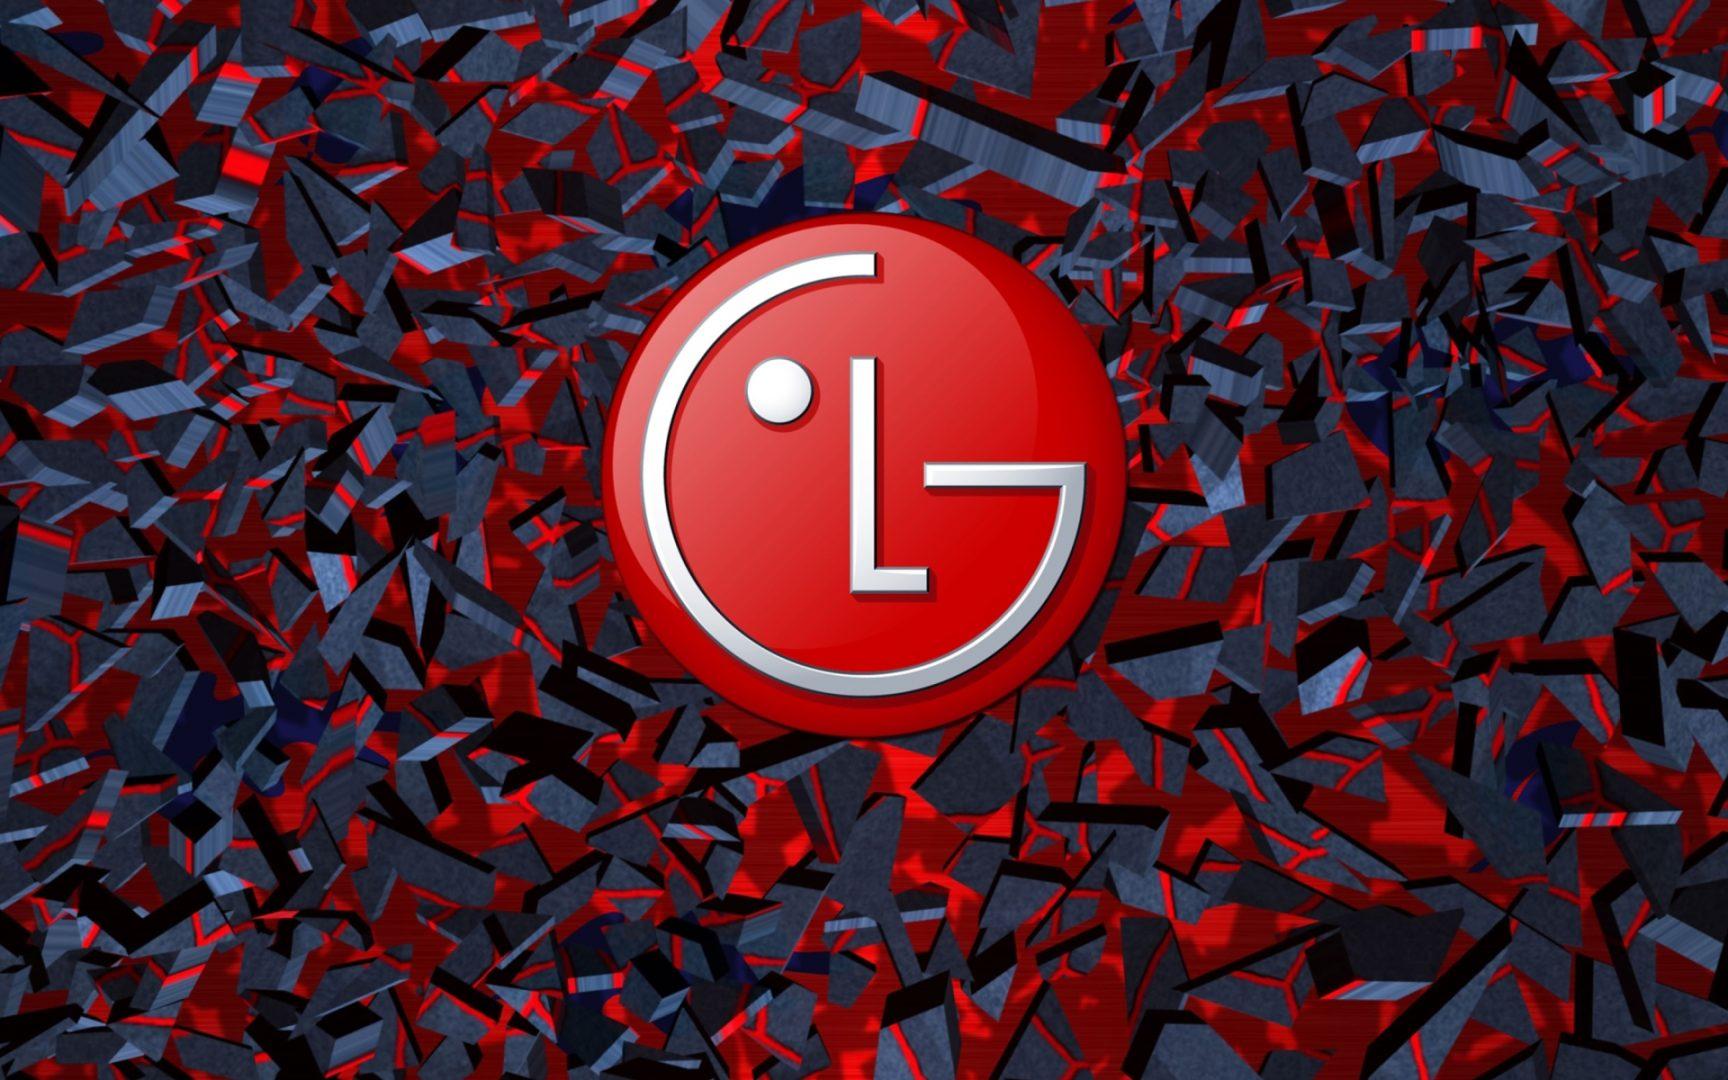 تحدد LG المشهد العام بالتقنيات الذكية المبتكرة والفريدة من نوعها